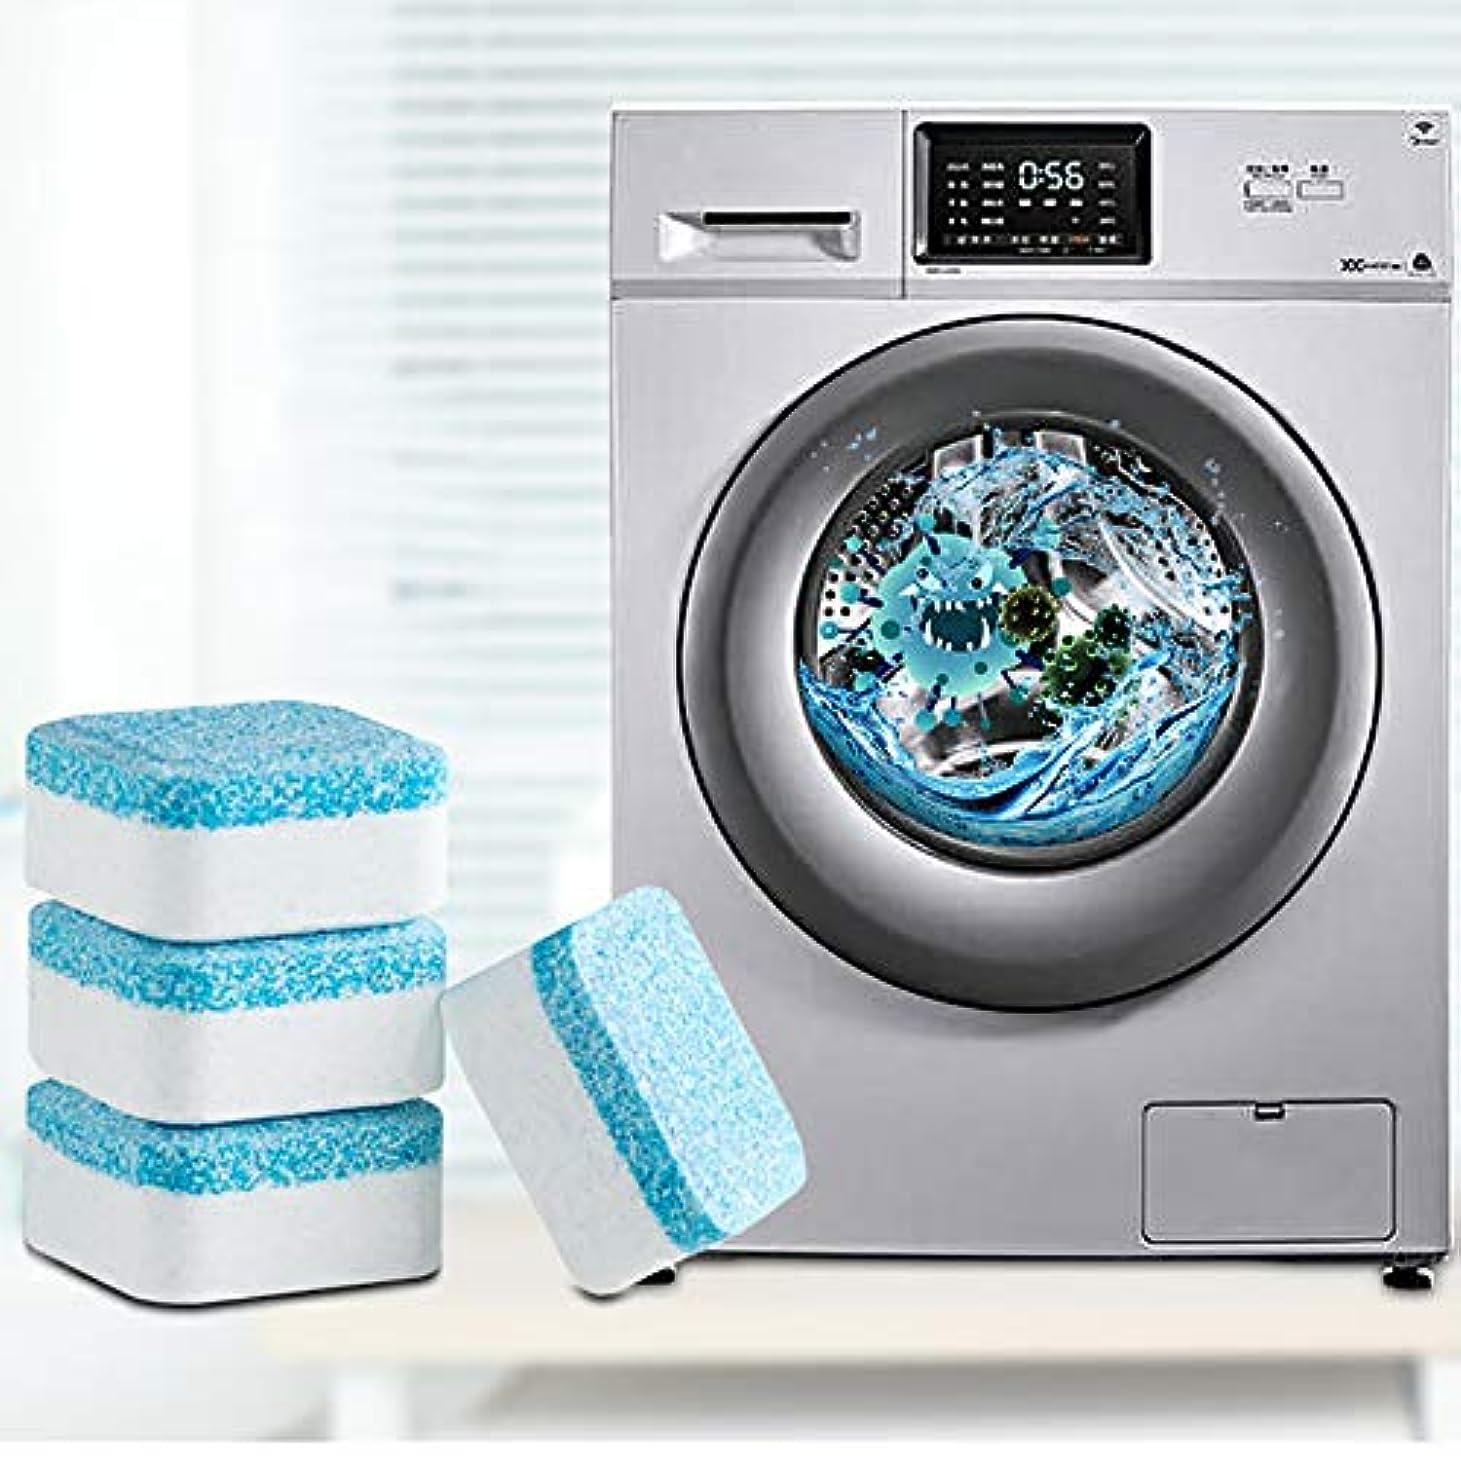 職人経由で落ち着いた12Pcs洗濯機クリーナー、洗濯機発泡錠、クリーナーデスケーラーディープクリーニングリムーバーデオドラント耐久性 (24PCS)